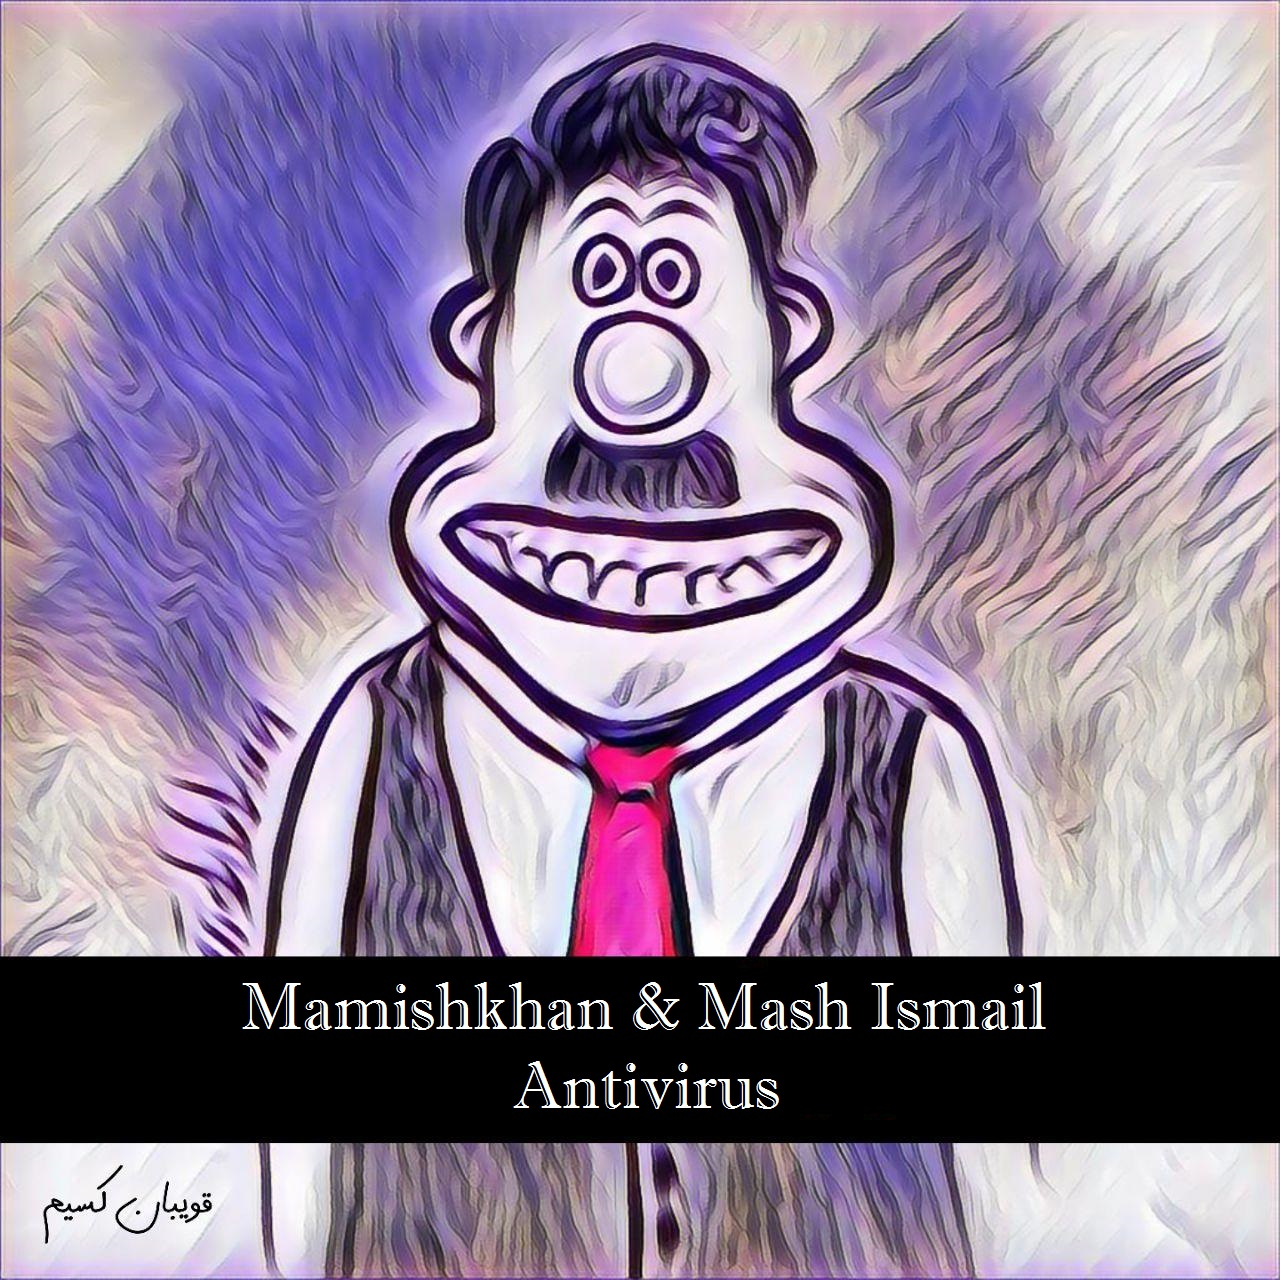 http://s7.picofile.com/file/8392355476/12Mamishkhan_ft_Mashismaeil_Antivirus.jpg